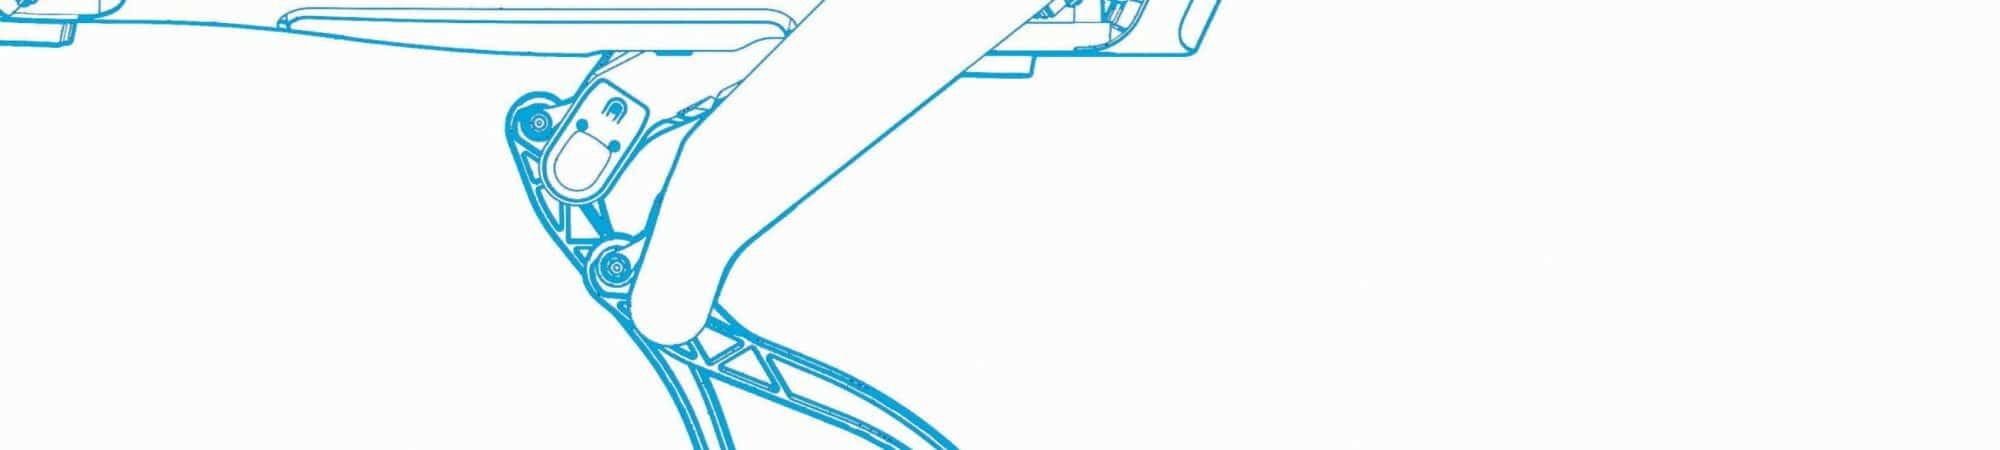 Desenho do cão-robô Spot